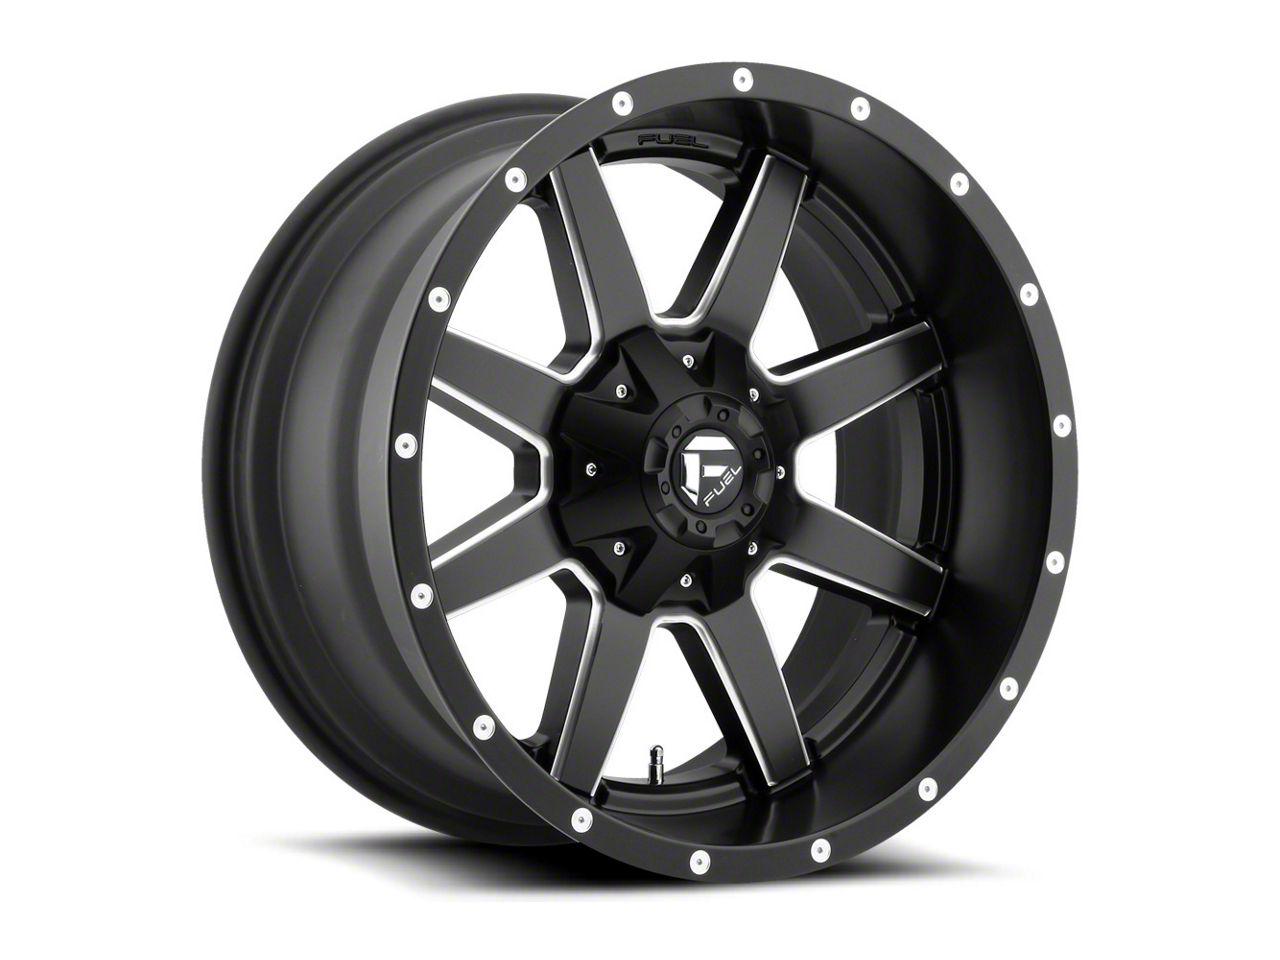 Fuel Wheels Maverick Black Milled 6-Lug Wheel - 22x9.5 (04-19 F-150)